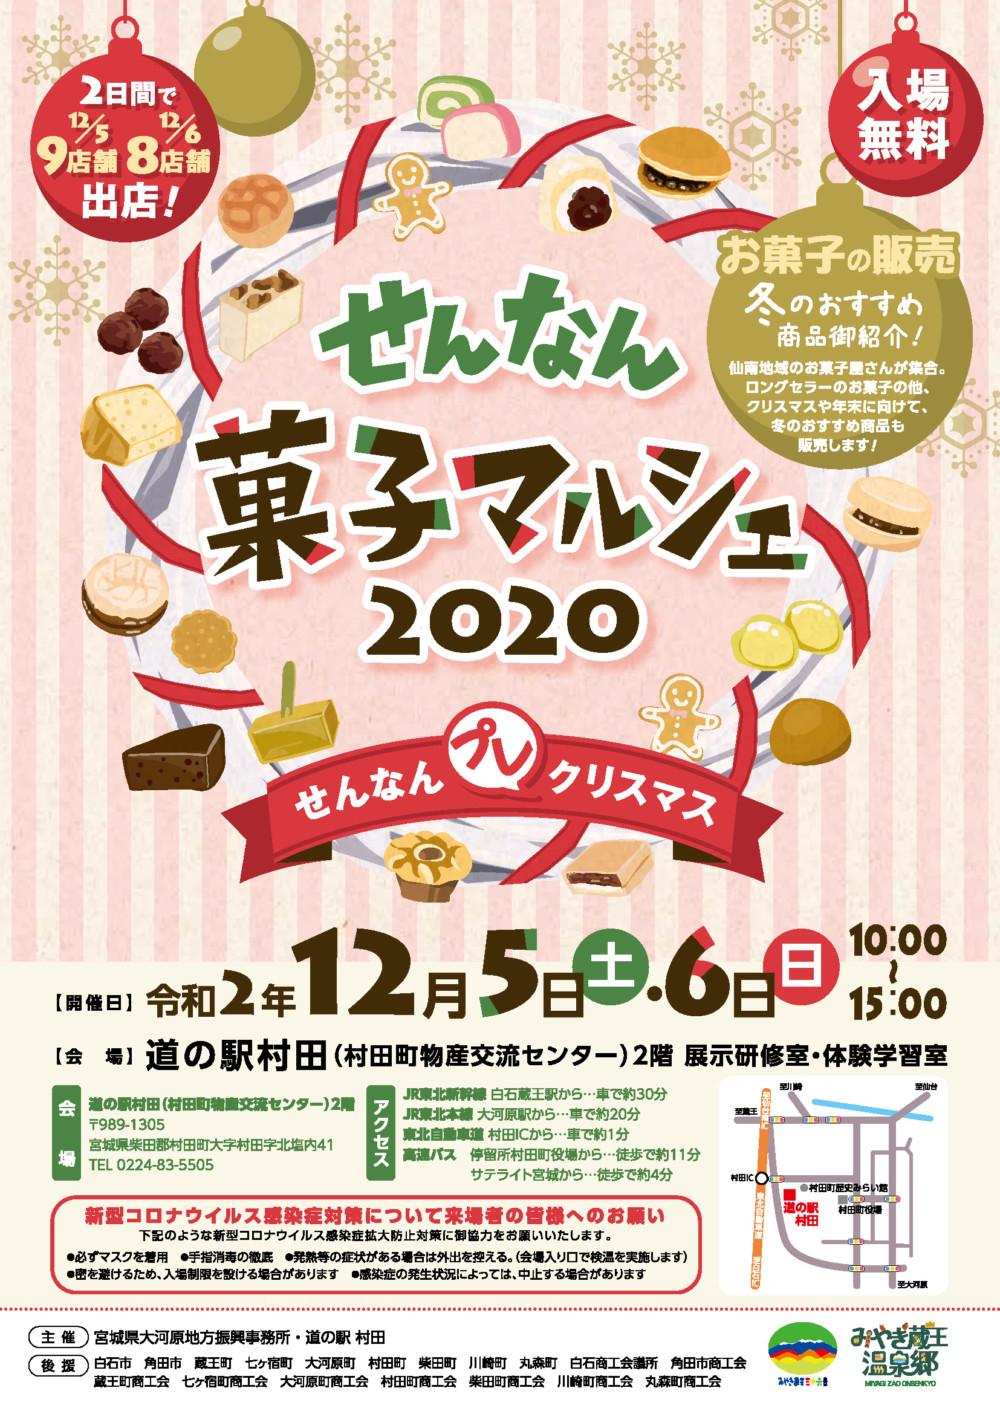 せんなん菓子マルシェ2020/会場:道の駅村田